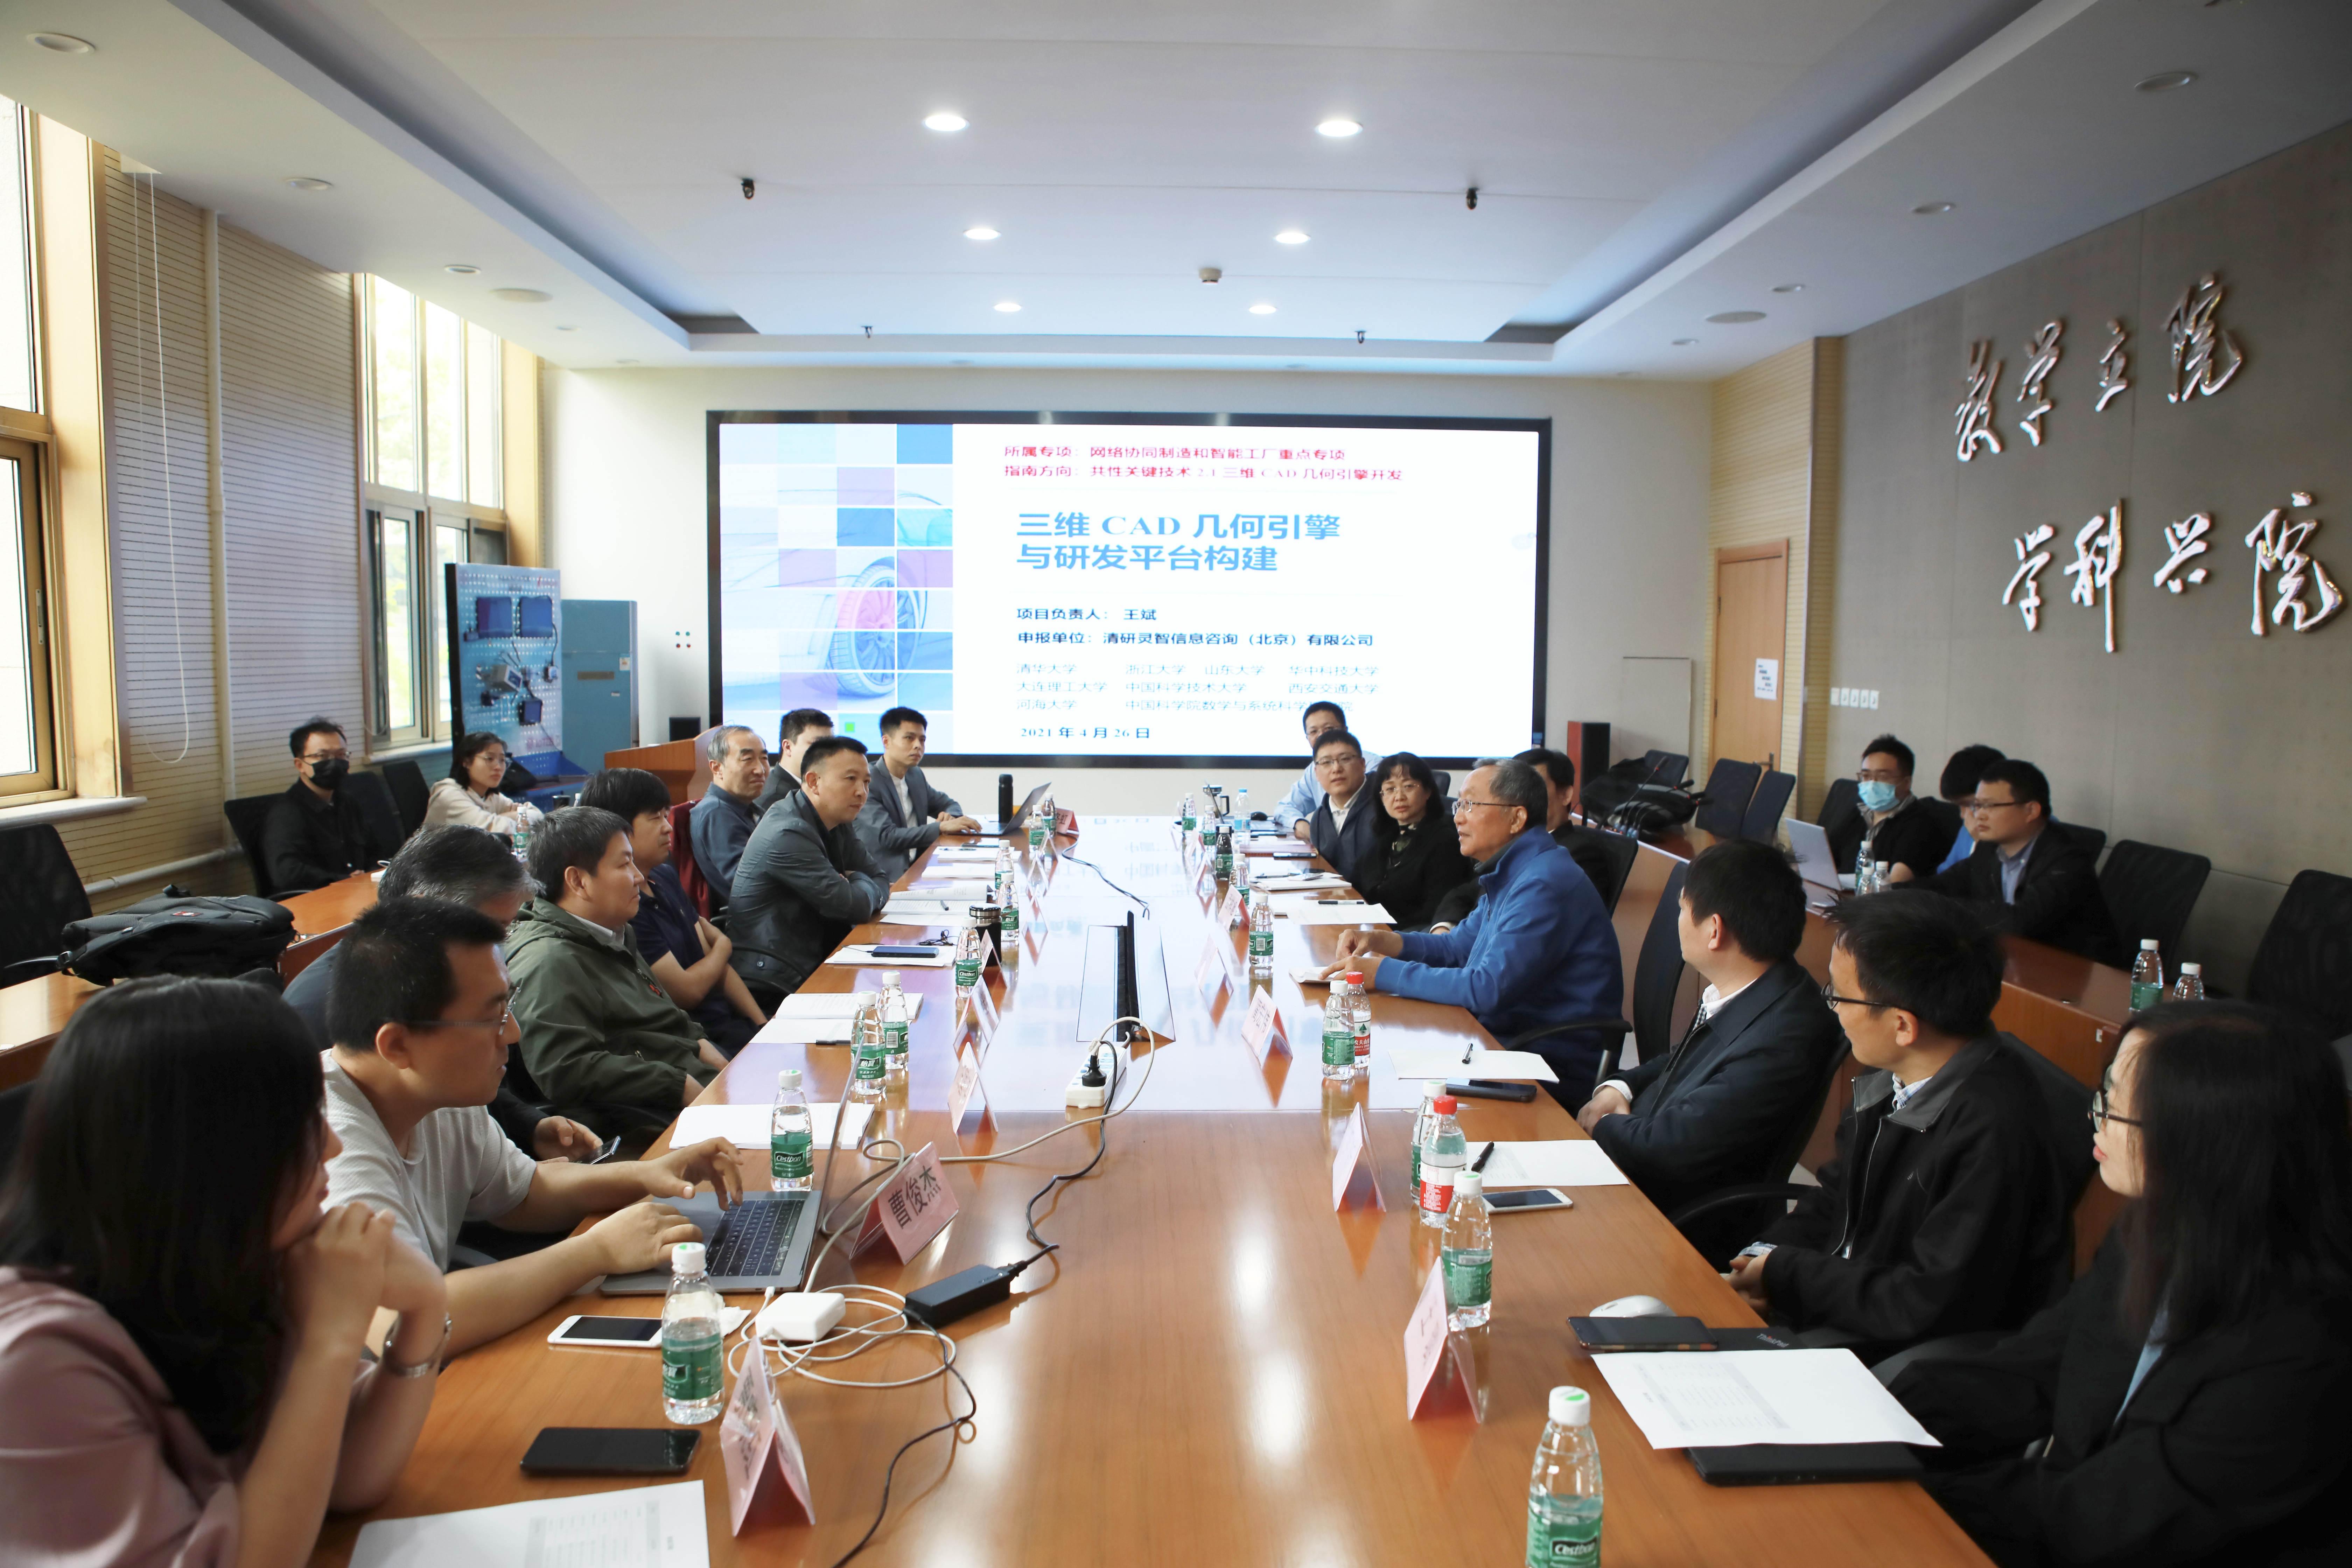 清研联合清华等9所高校召开国家重点研发计划重点专项启动会